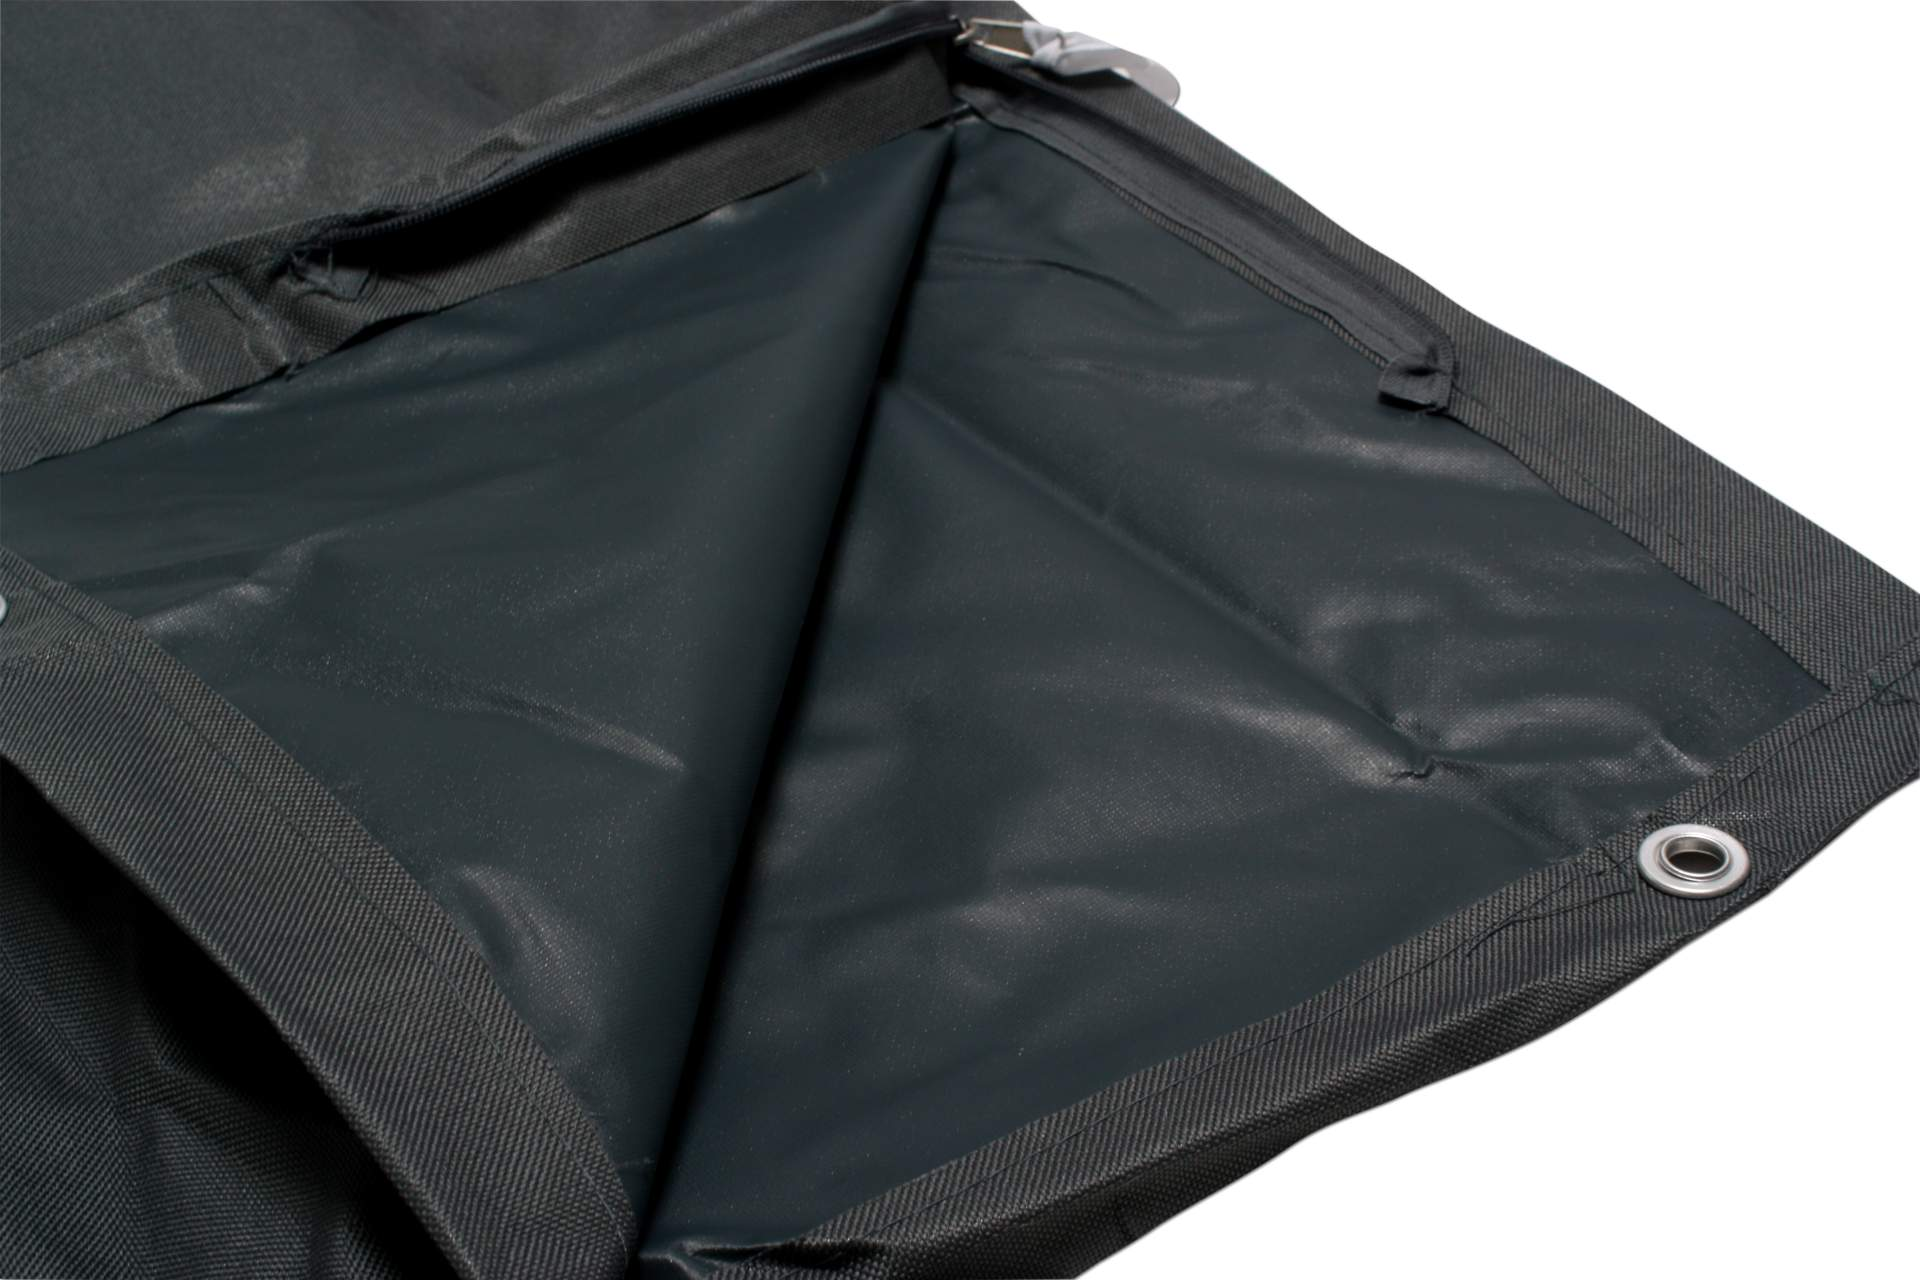 ampelschirm schutzh lle kynast f r schirm 200 400 cm sonnenschirm h lle schutz ebay. Black Bedroom Furniture Sets. Home Design Ideas